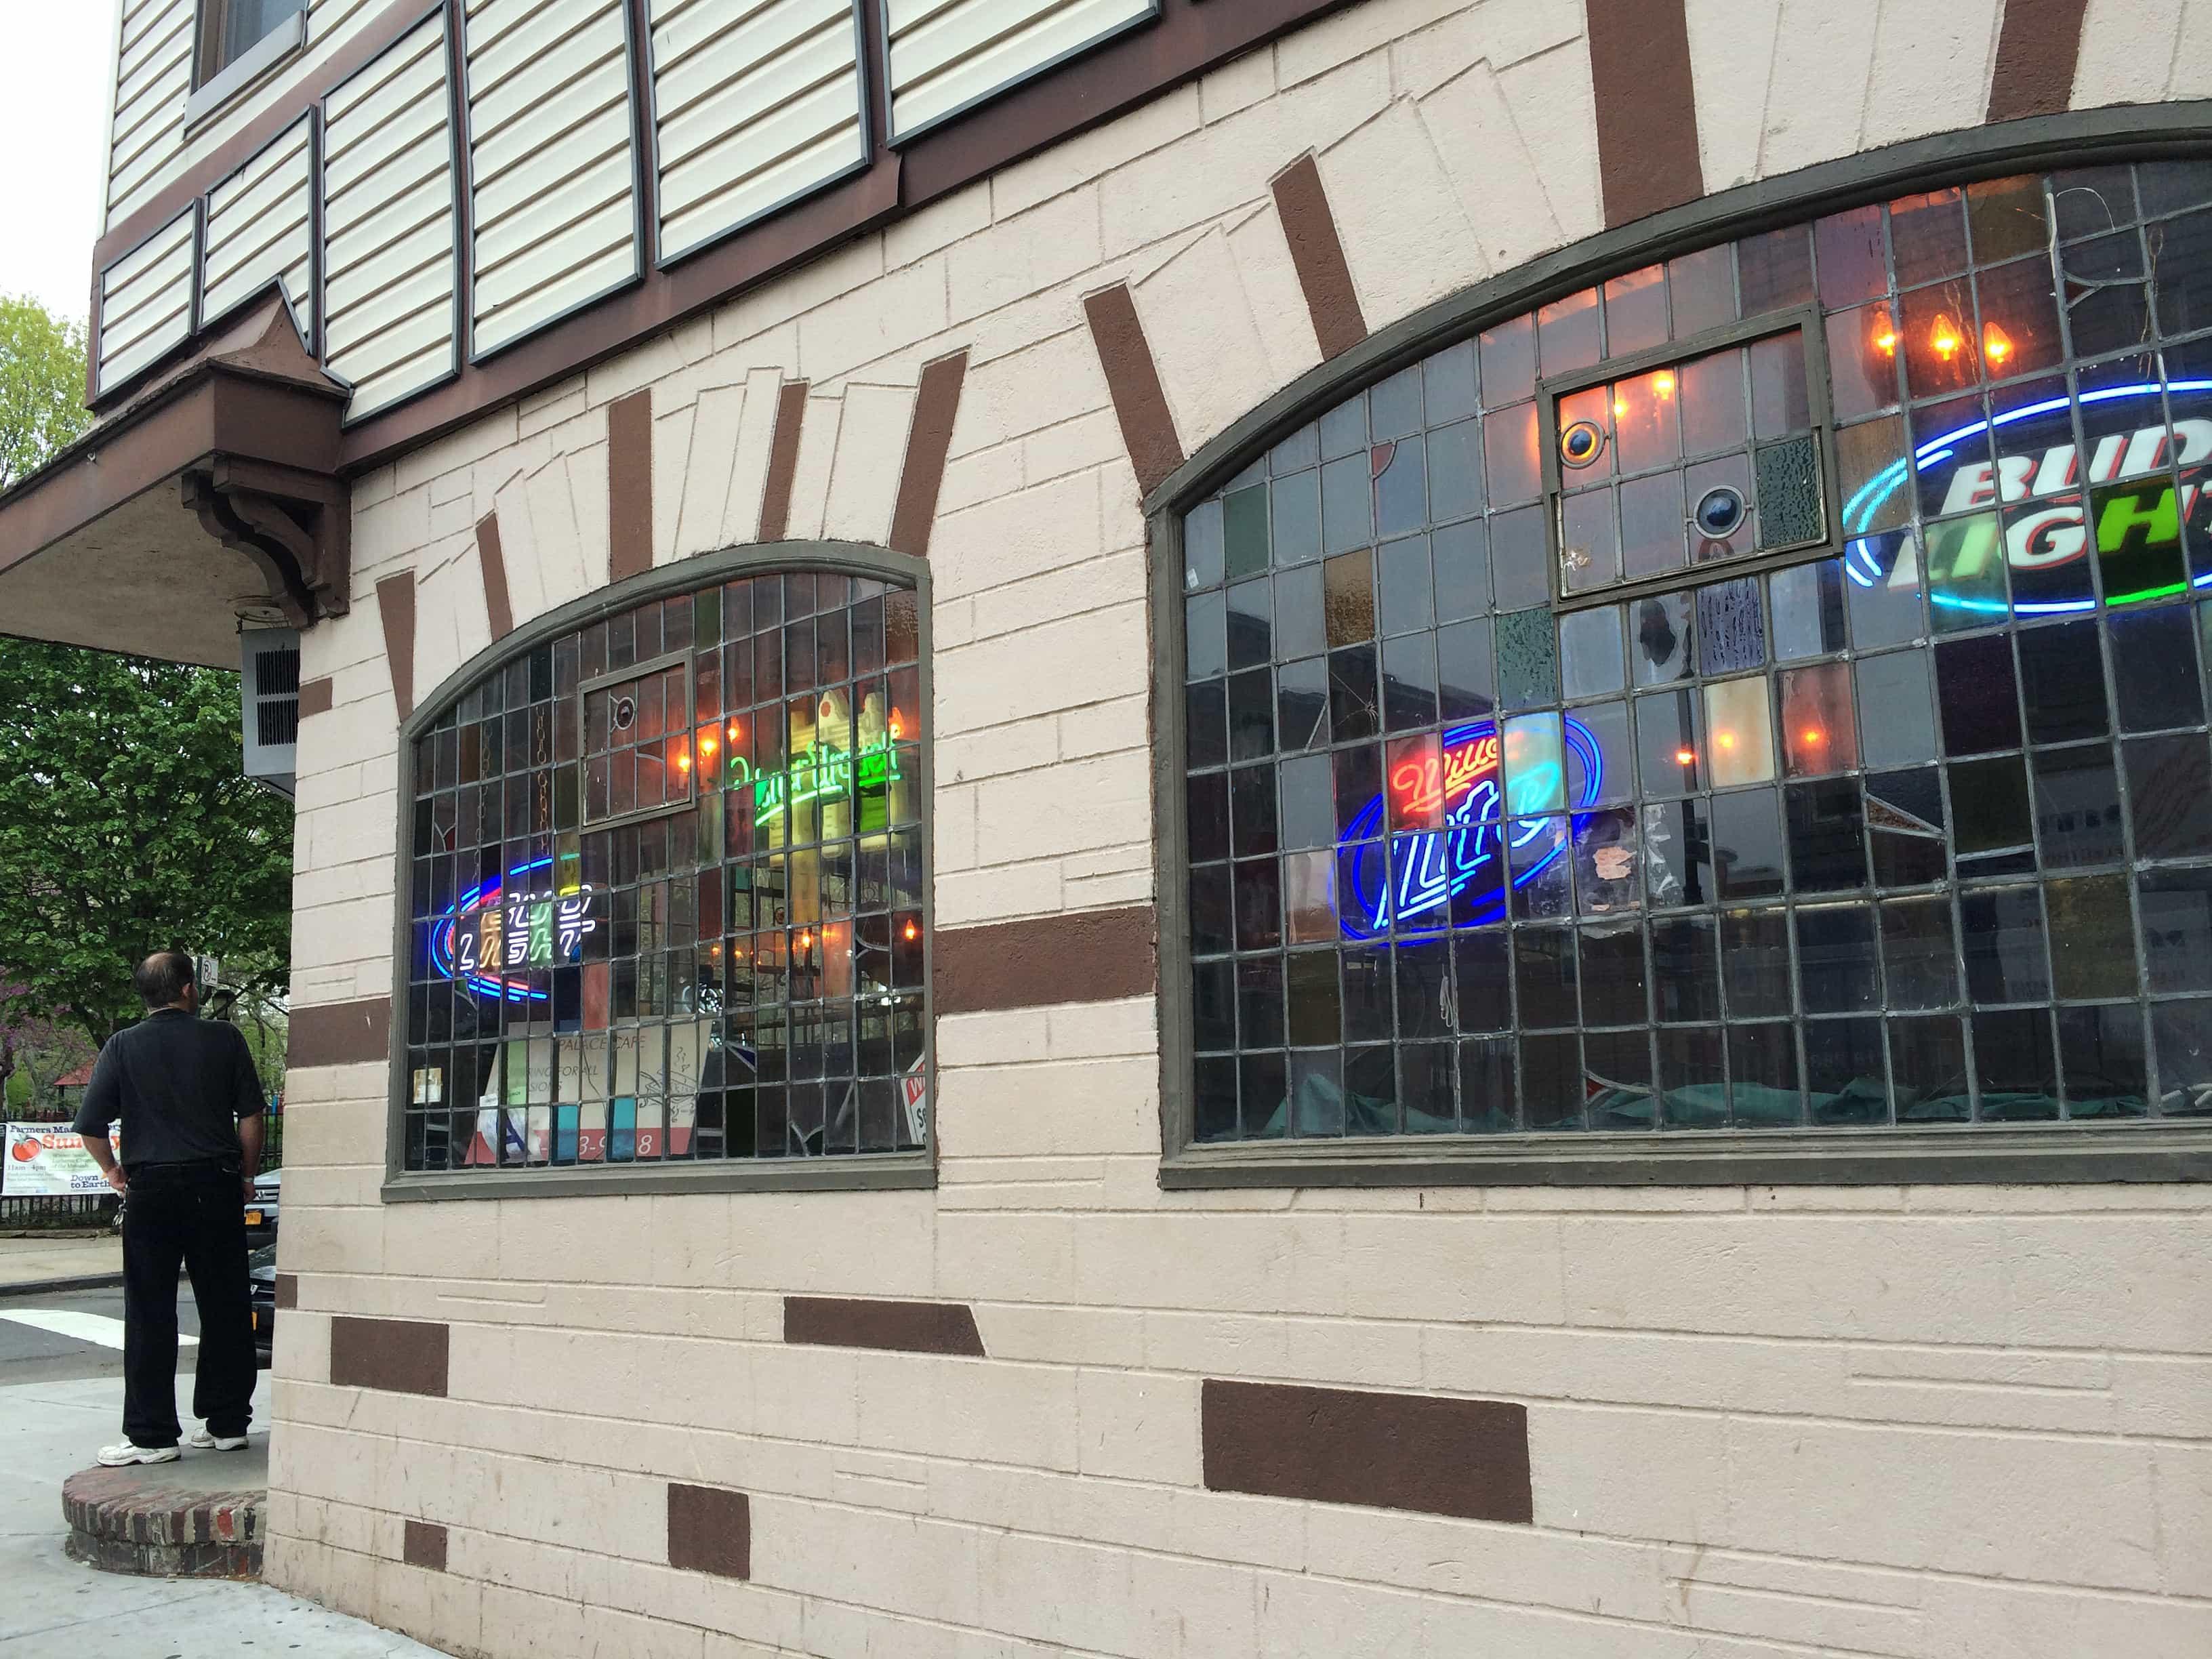 Palace Cafe exterior